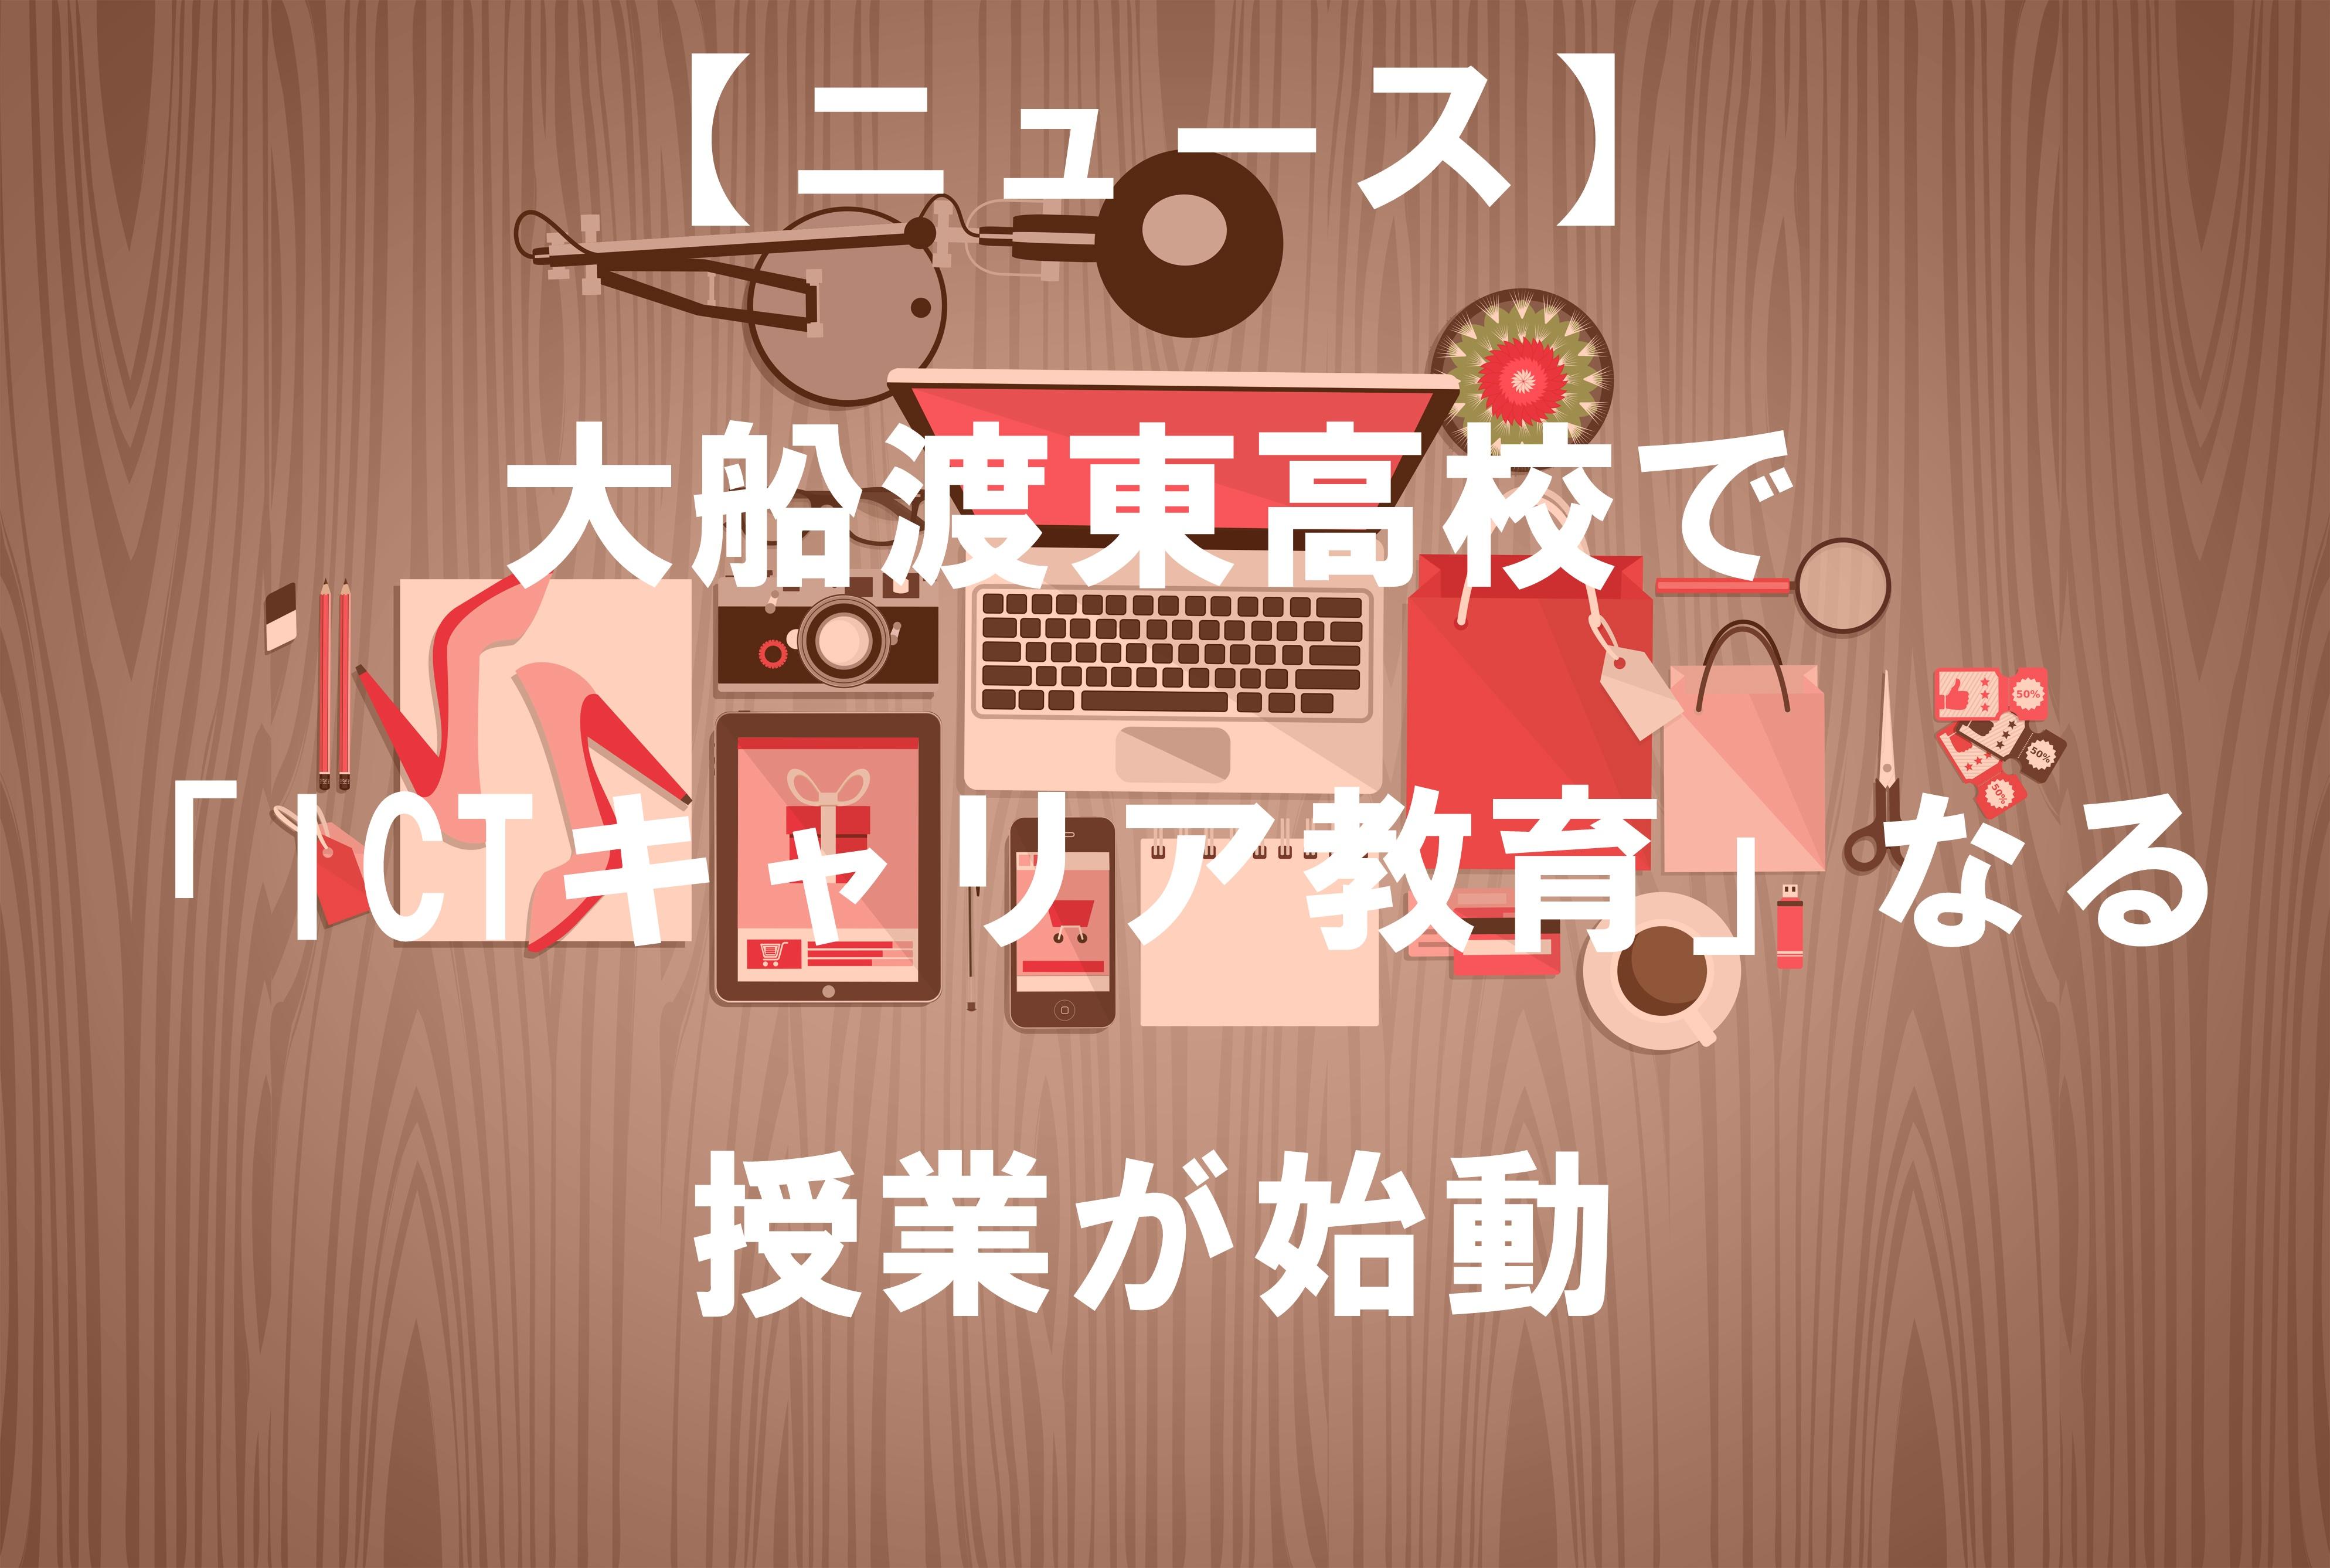 【ニュース】大船渡東高校で「ICTキャリア教育」なる授業が始動